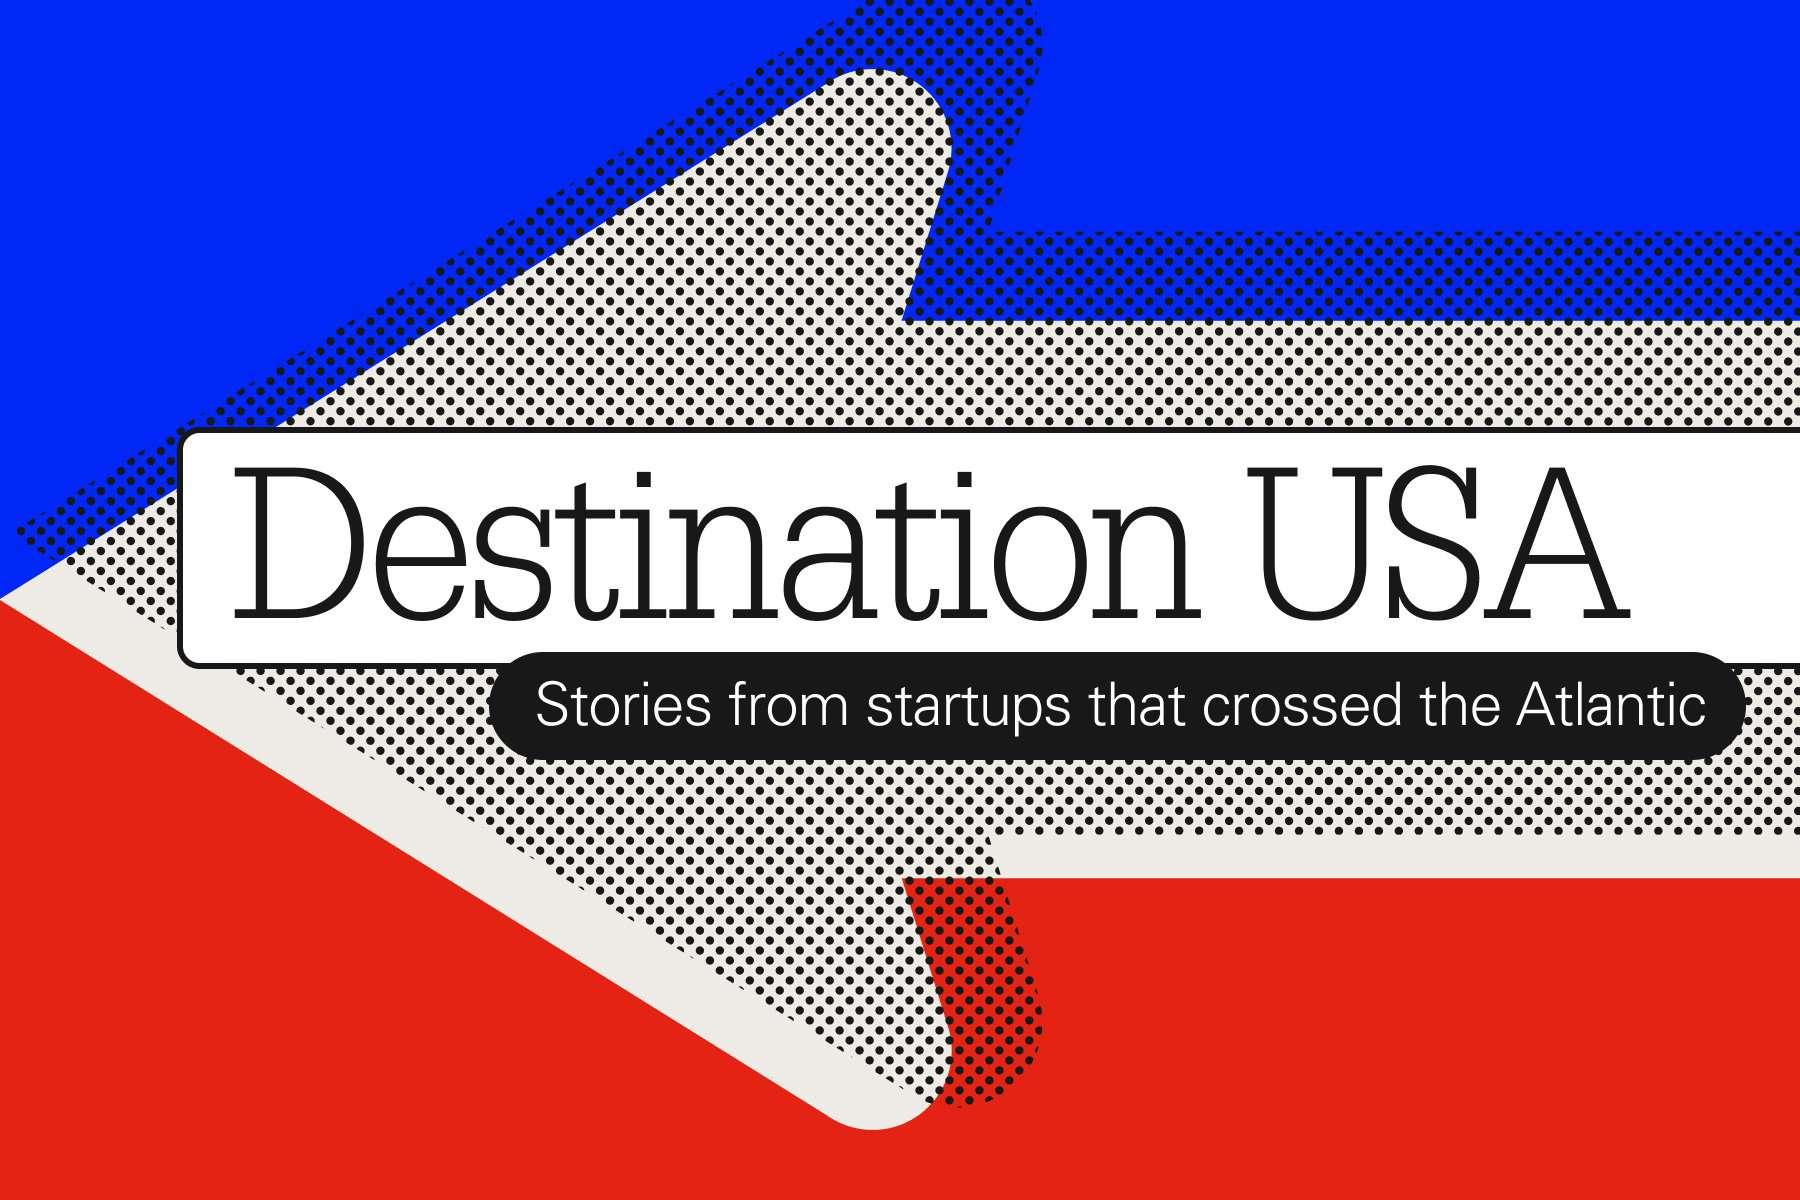 destination-usa-resource-graphic.jpg